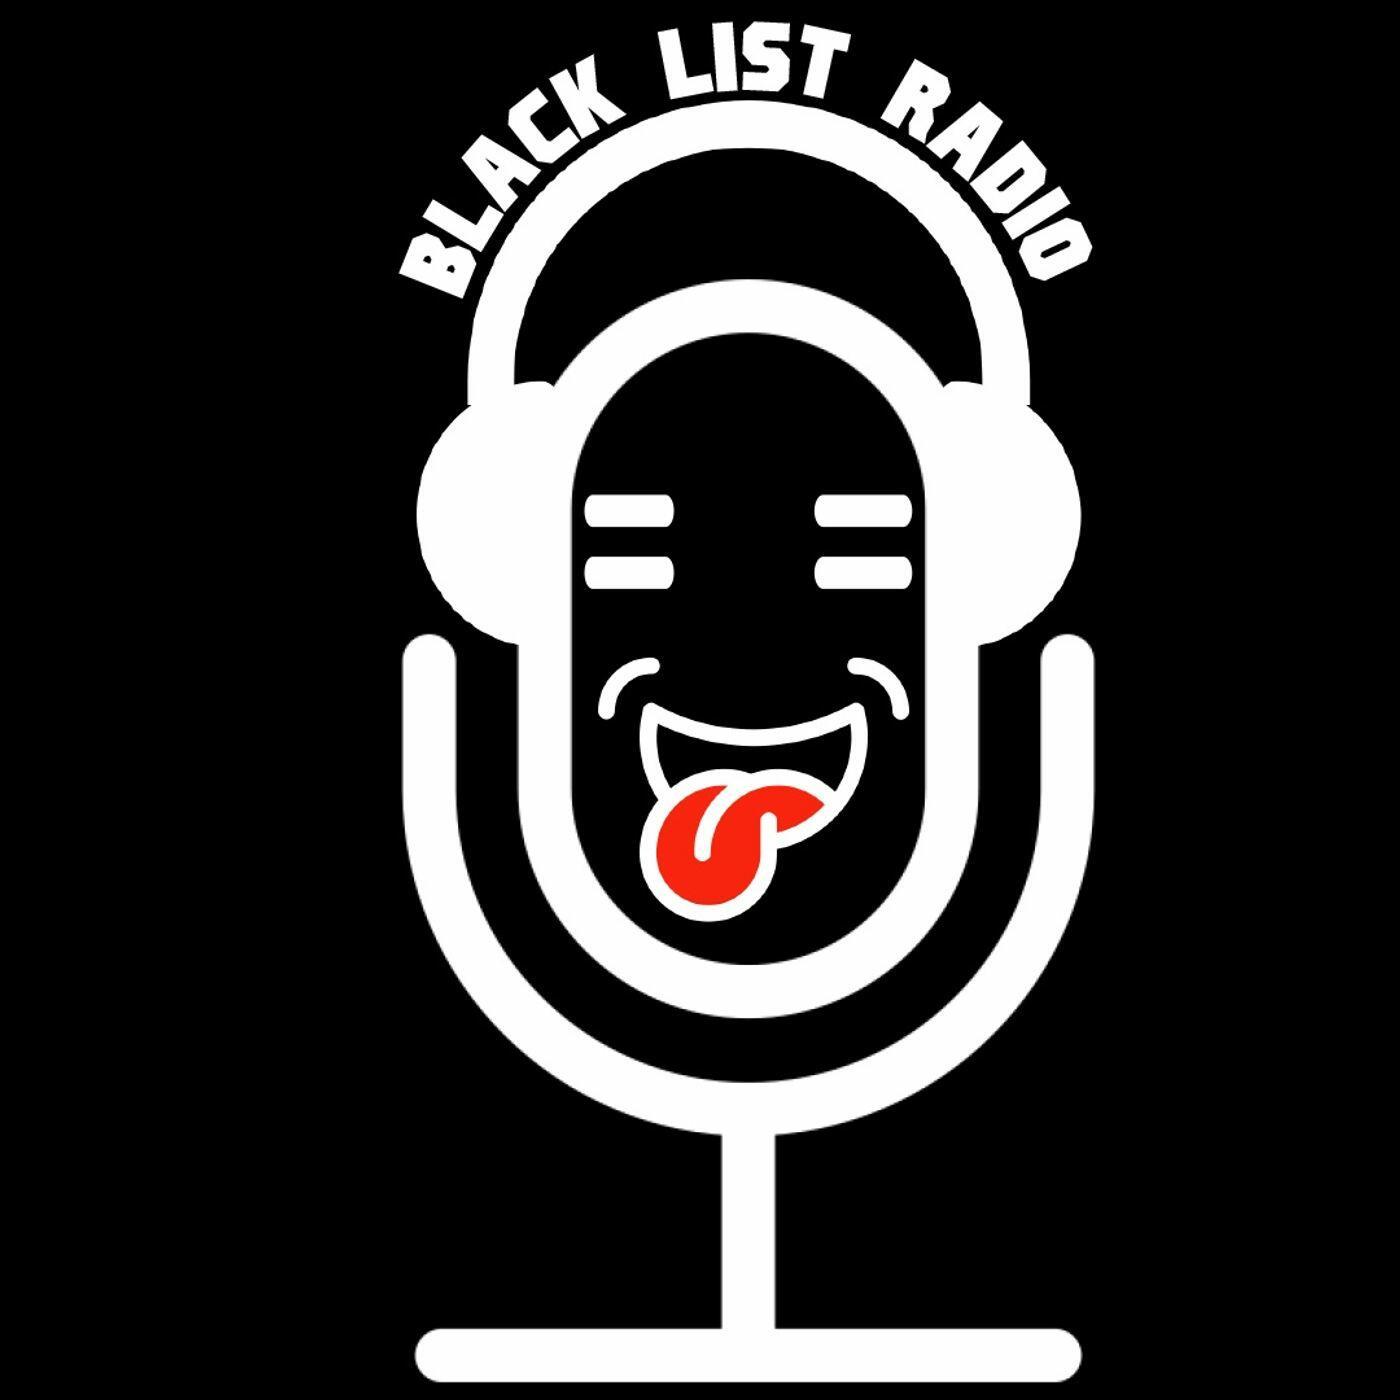 Puntata Del 27 07 20 Il Faraone Nero Blacklist Webradio Iheartradio